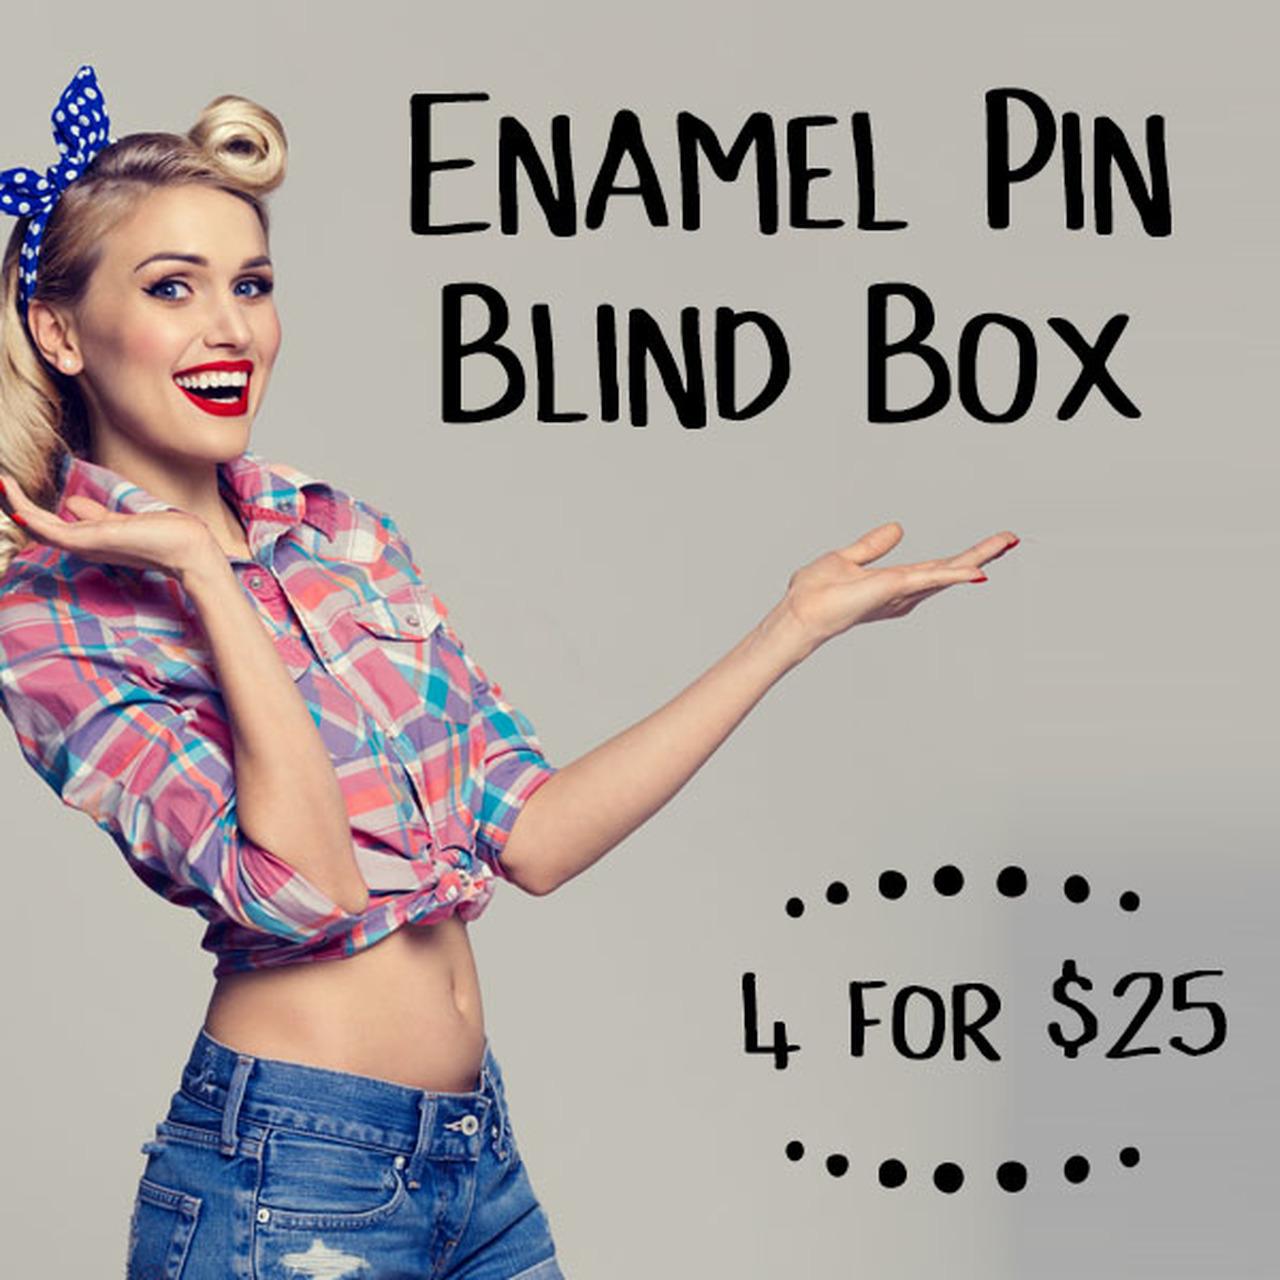 Enamel_Pin_Blind_Box__4_for_25